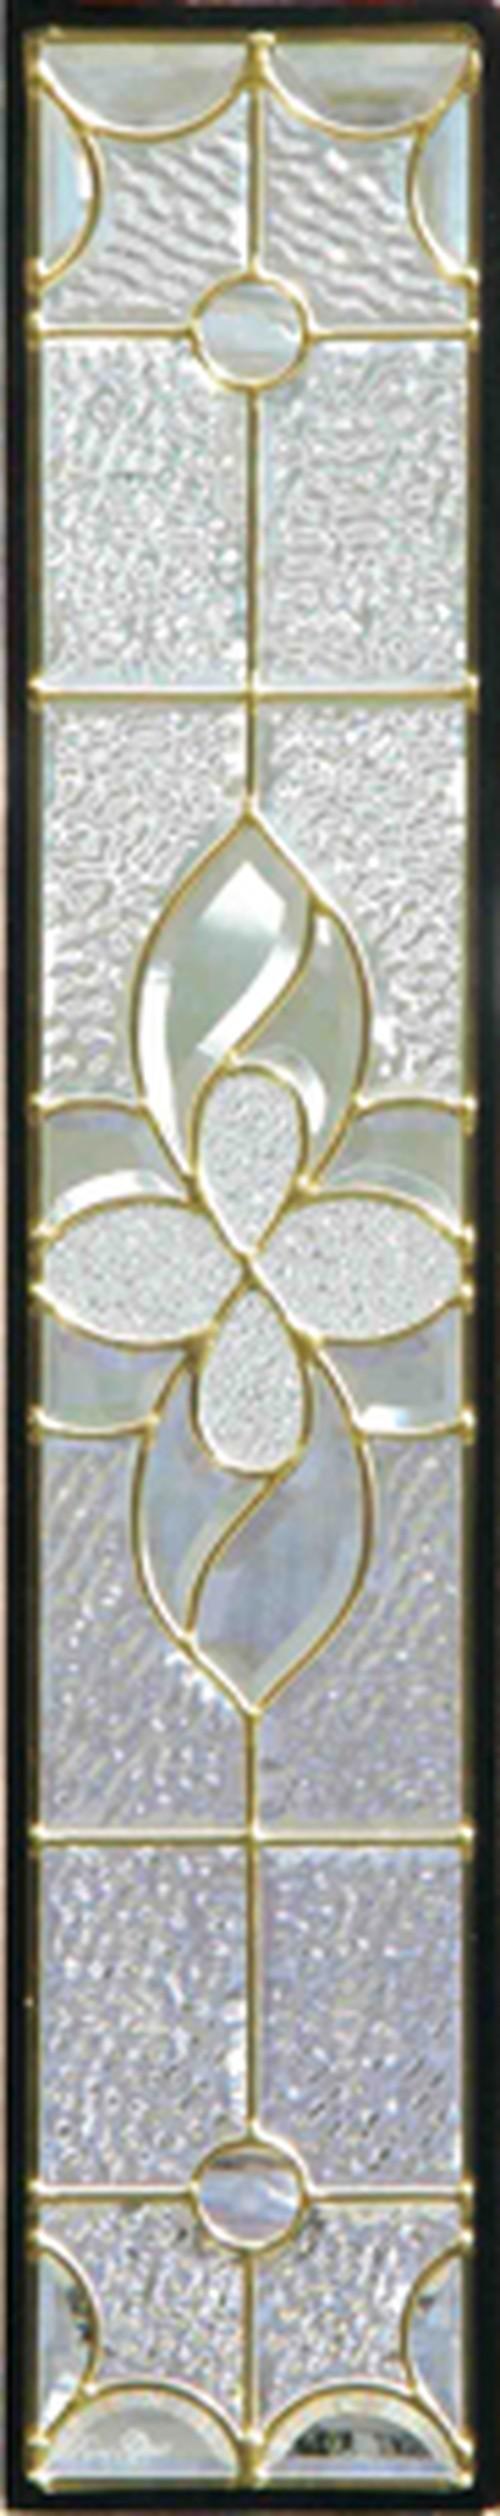 本物のステンドグラス ピュアグラス ステンドグラス (株)セブンホーム SH-G01